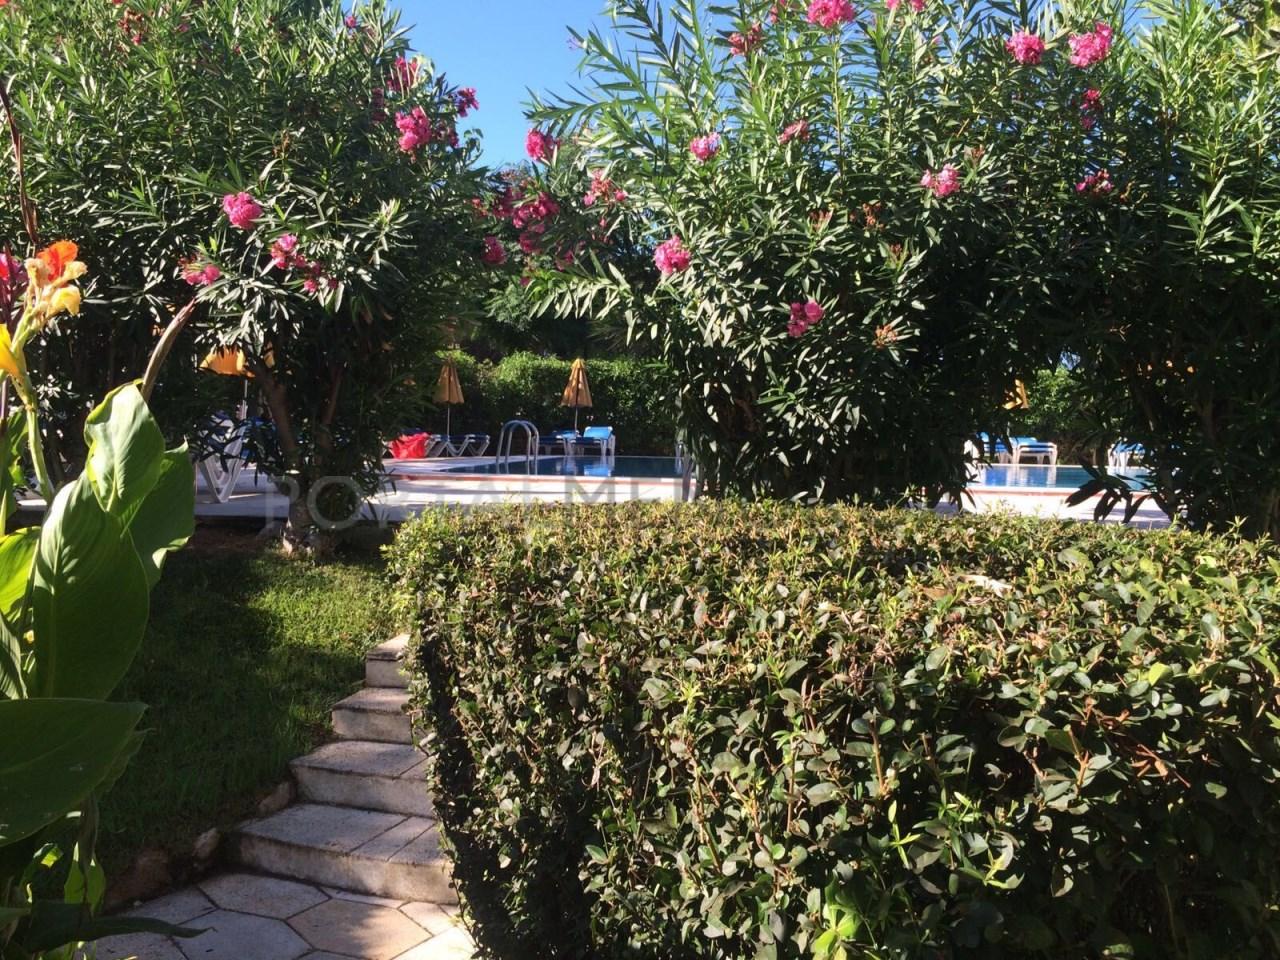 jardin-comunitario-apartmaento-santo-tomas-menorca-H2273